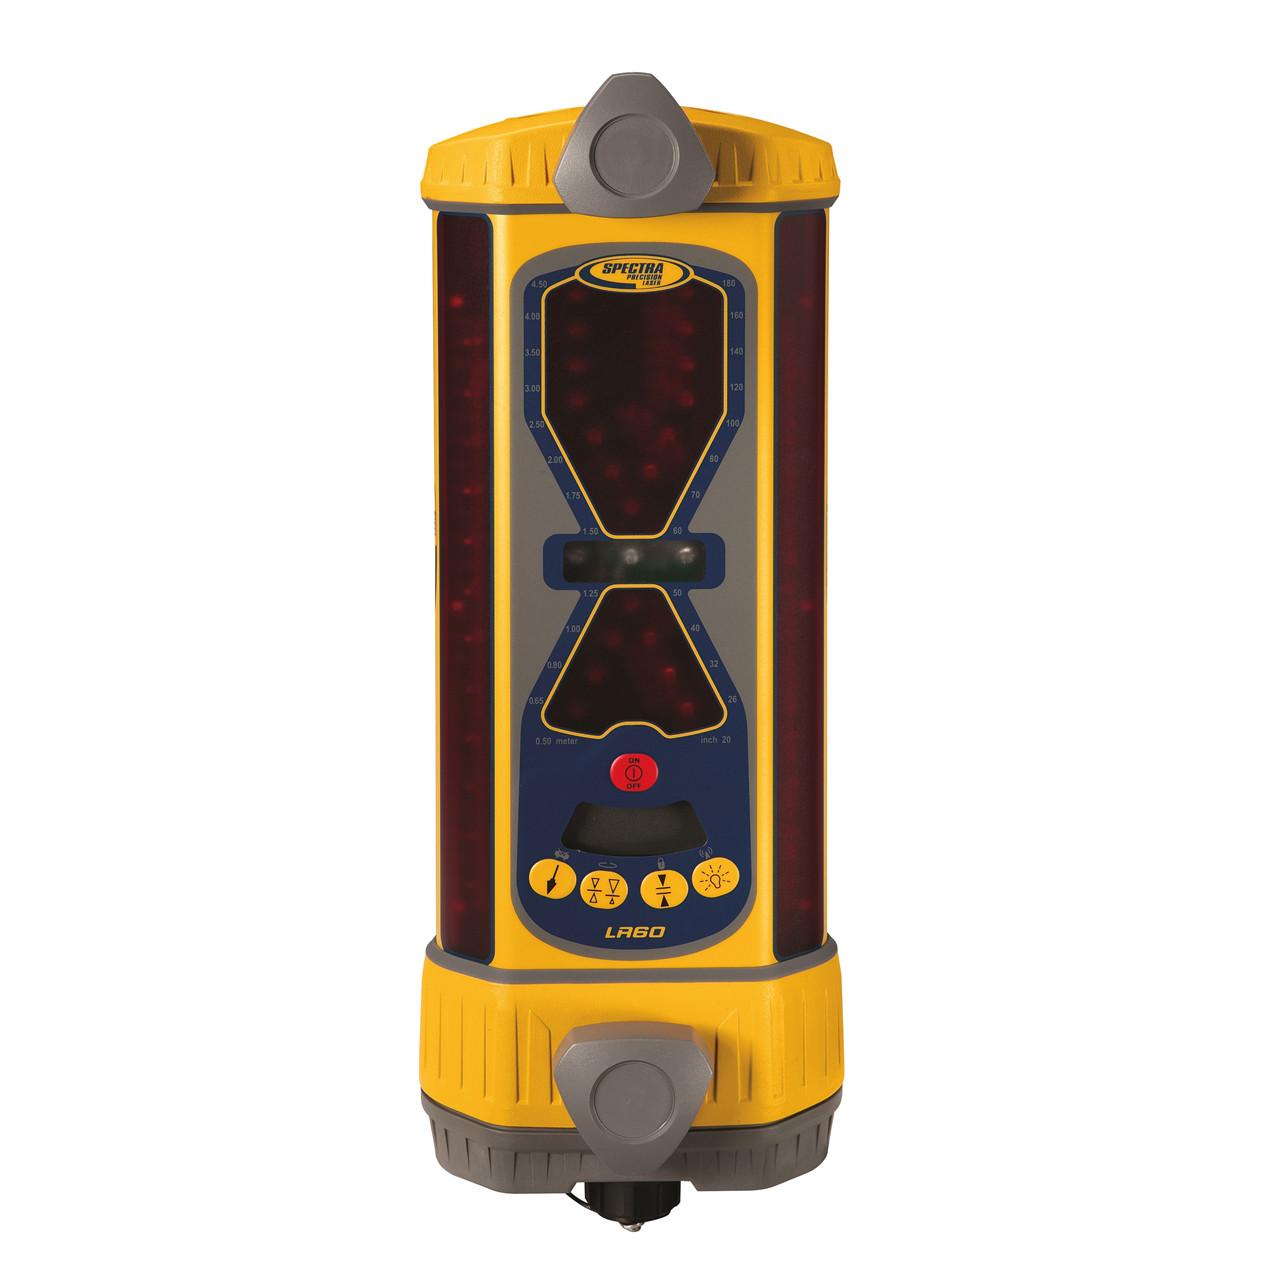 SPECTRA Maskinmodtager LR60 - Værktøj -> Laser og måleinstrumenter -> Laser -> Modtager|Værktøj -> Laser og måleinstrumenter -> Laser -> Maskinmodtager|Værktøj -> Laser og måleinstrumenter -> Laser|Værktøj -> Laser og måleinstrumenter|Mærker -> Spectra -&